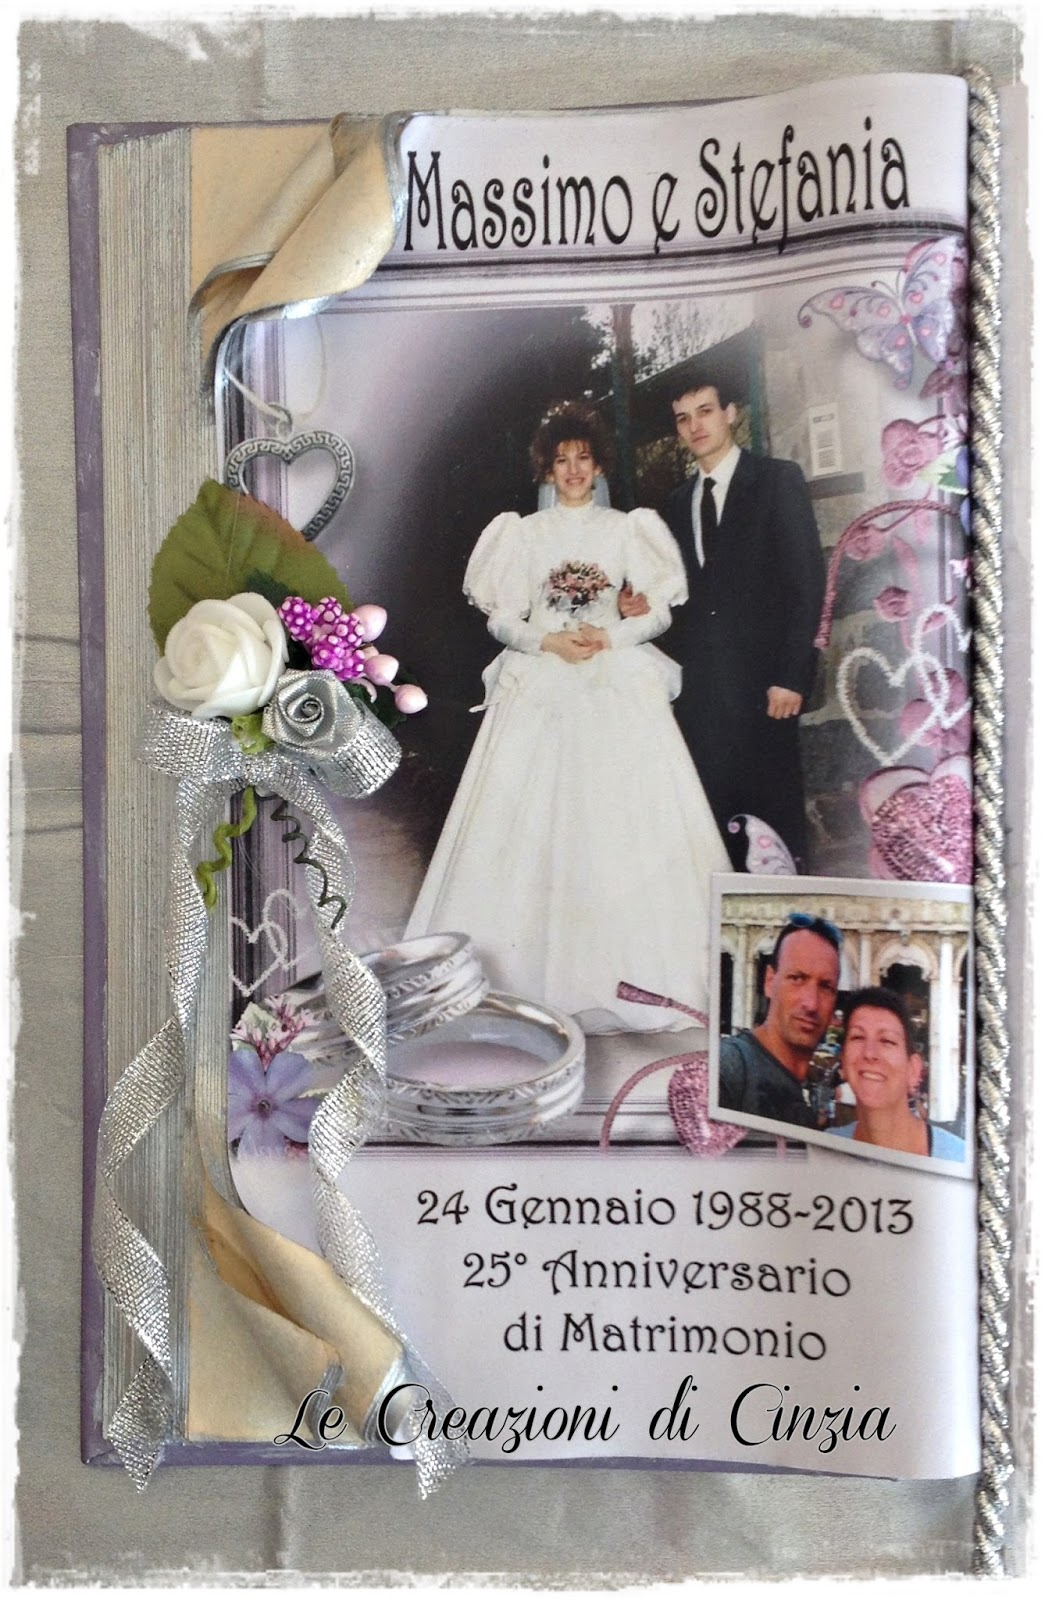 Le creazioni di cinzia nozze d 39 argento a vercelli for Anniversario matrimonio 25